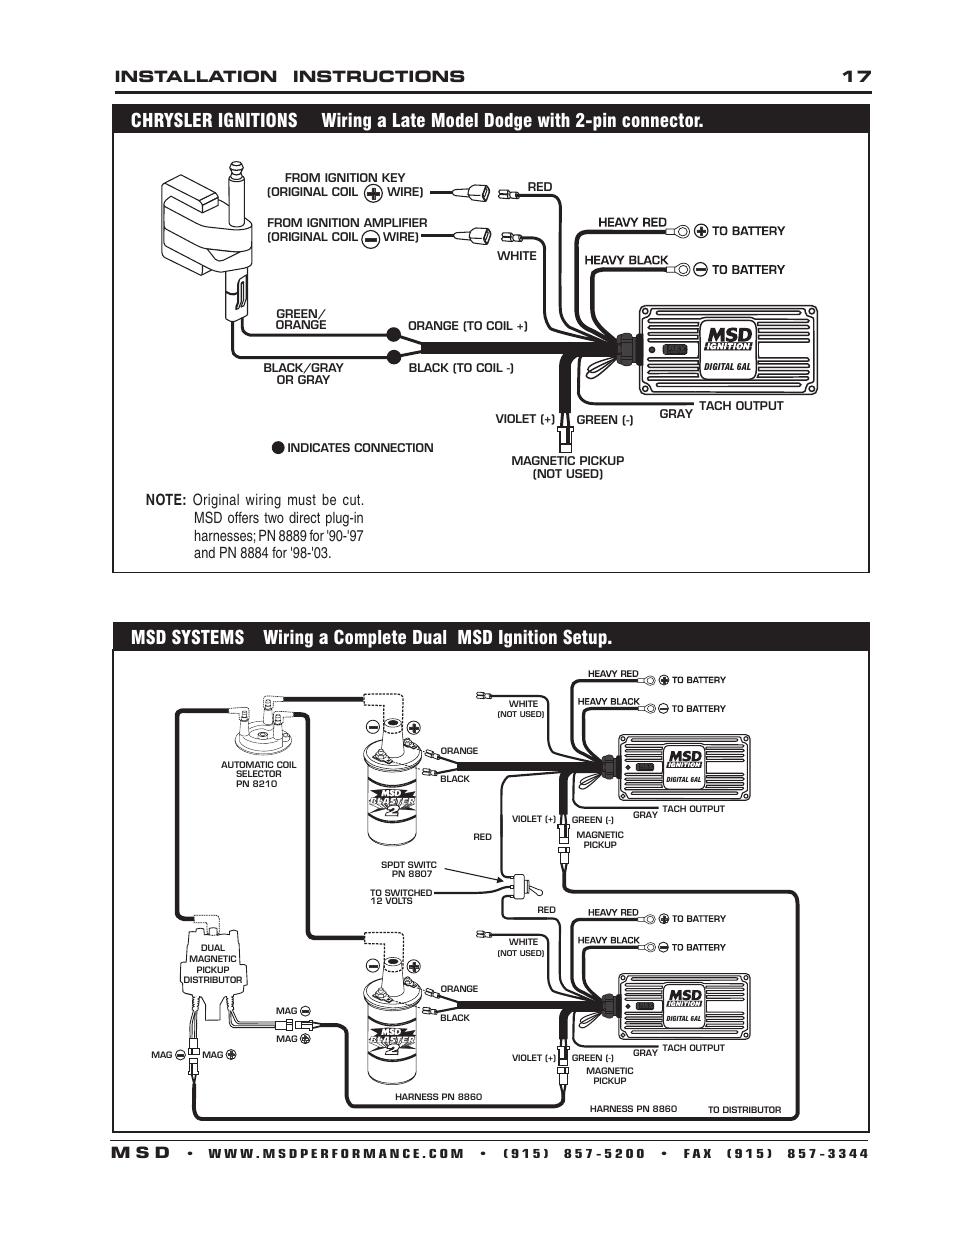 hight resolution of installation instructions 17 m s d msd 6201 digital 6a ignitioninstallation instructions 17 m s d msd 6201 digital 6a